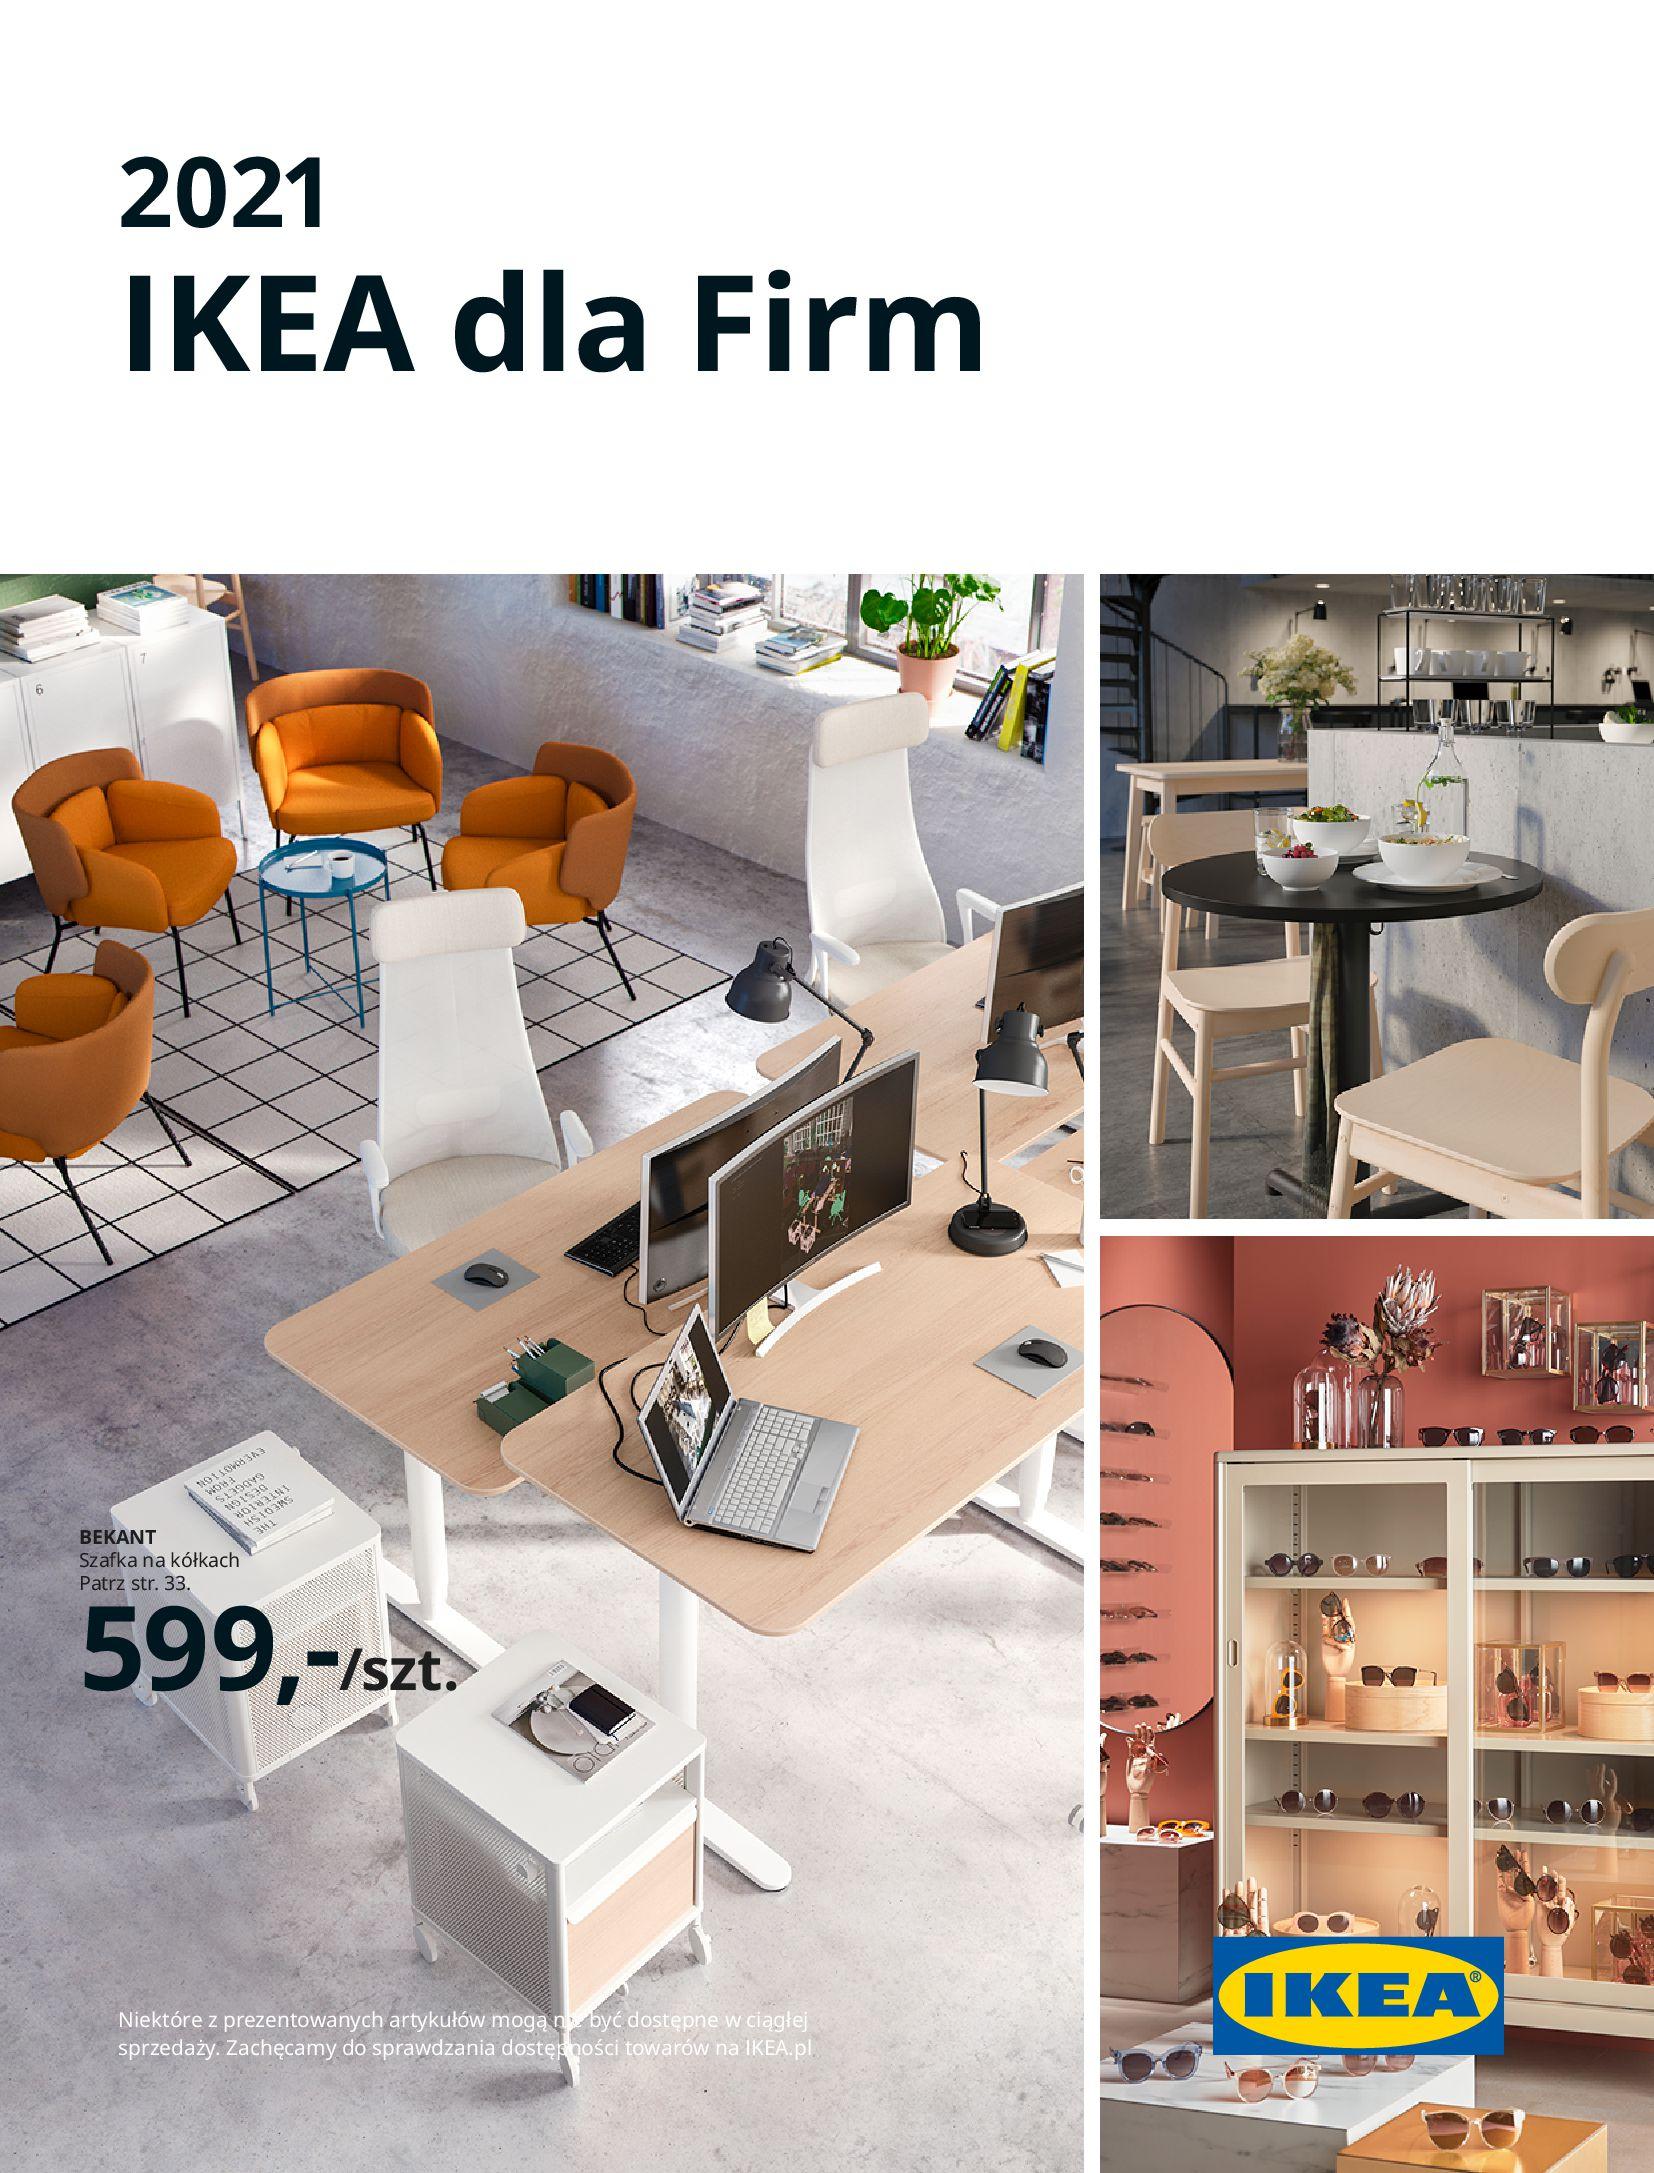 IKEA:  IKEA dla Firm 2021 12.01.2021